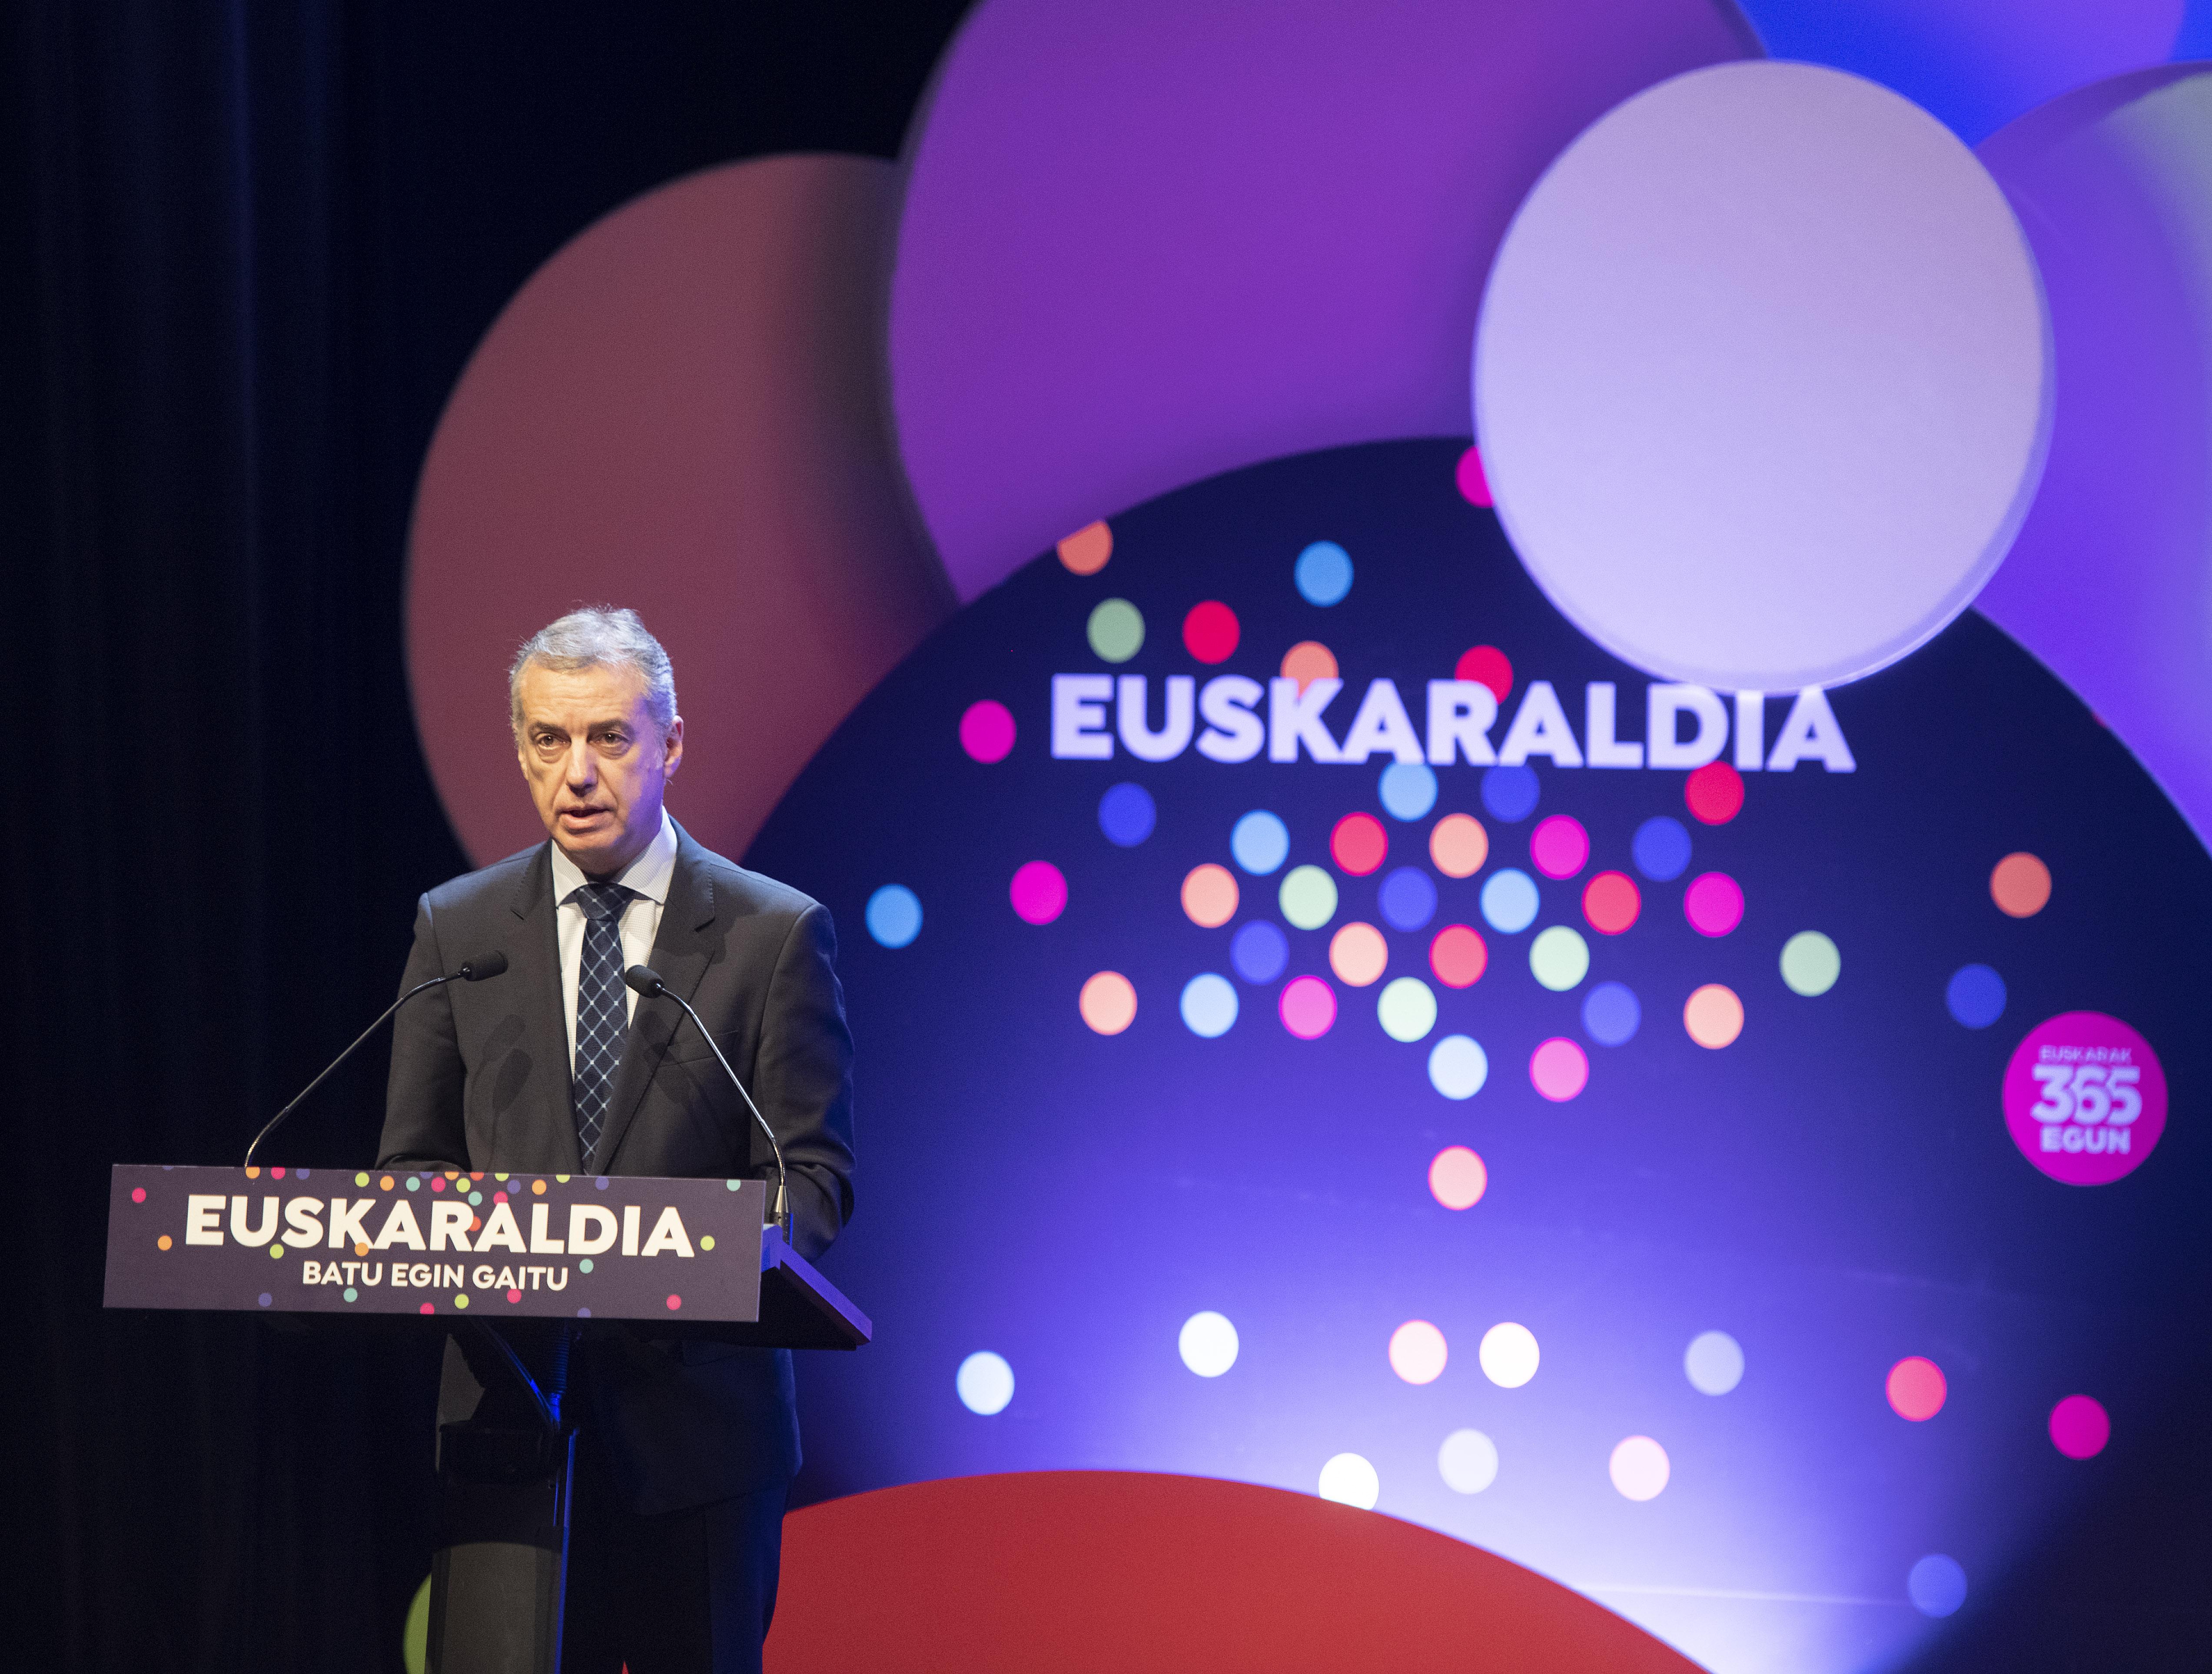 181203_euskaraldia_12.jpg